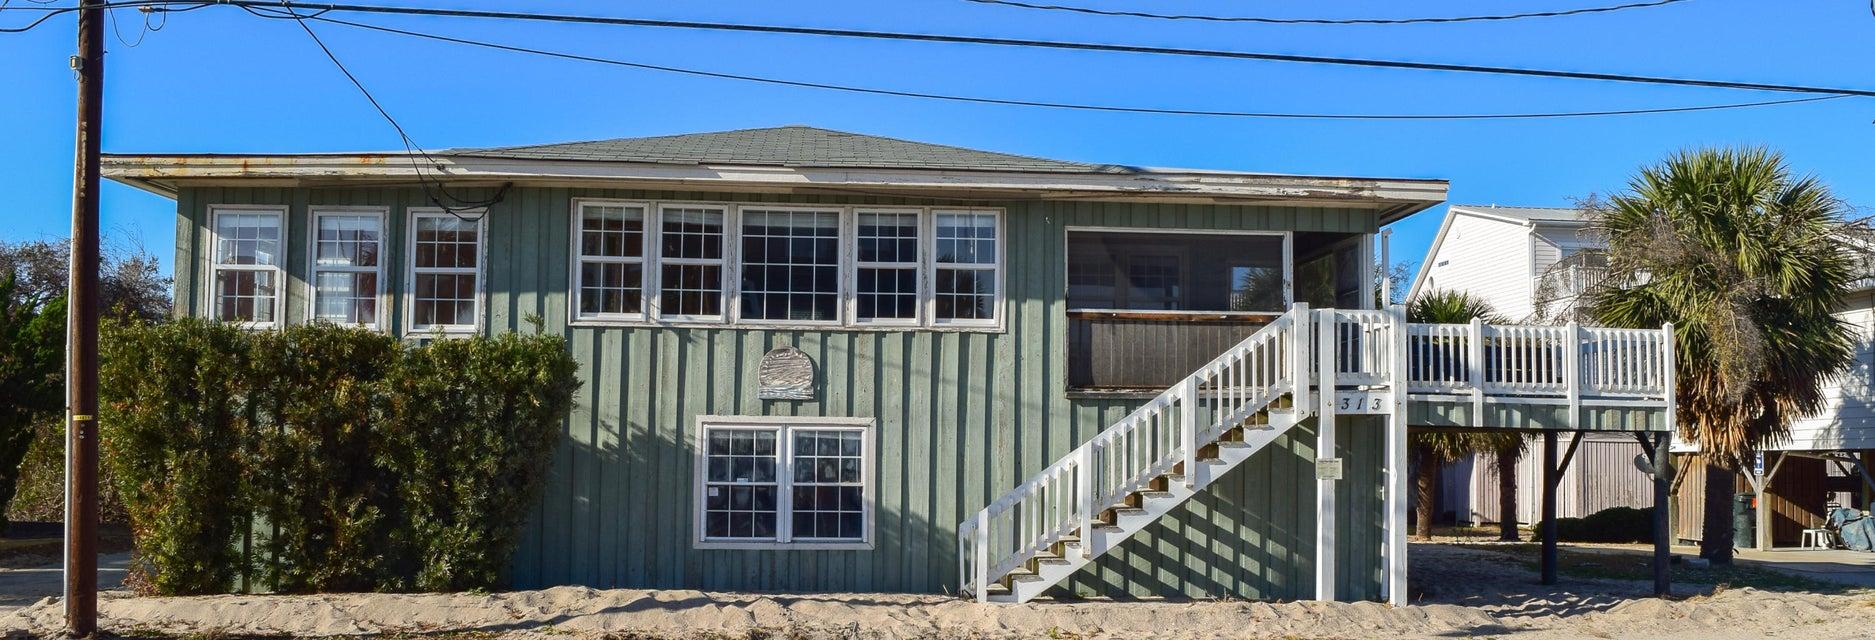 Homes For Sale Edisto Beach Sc